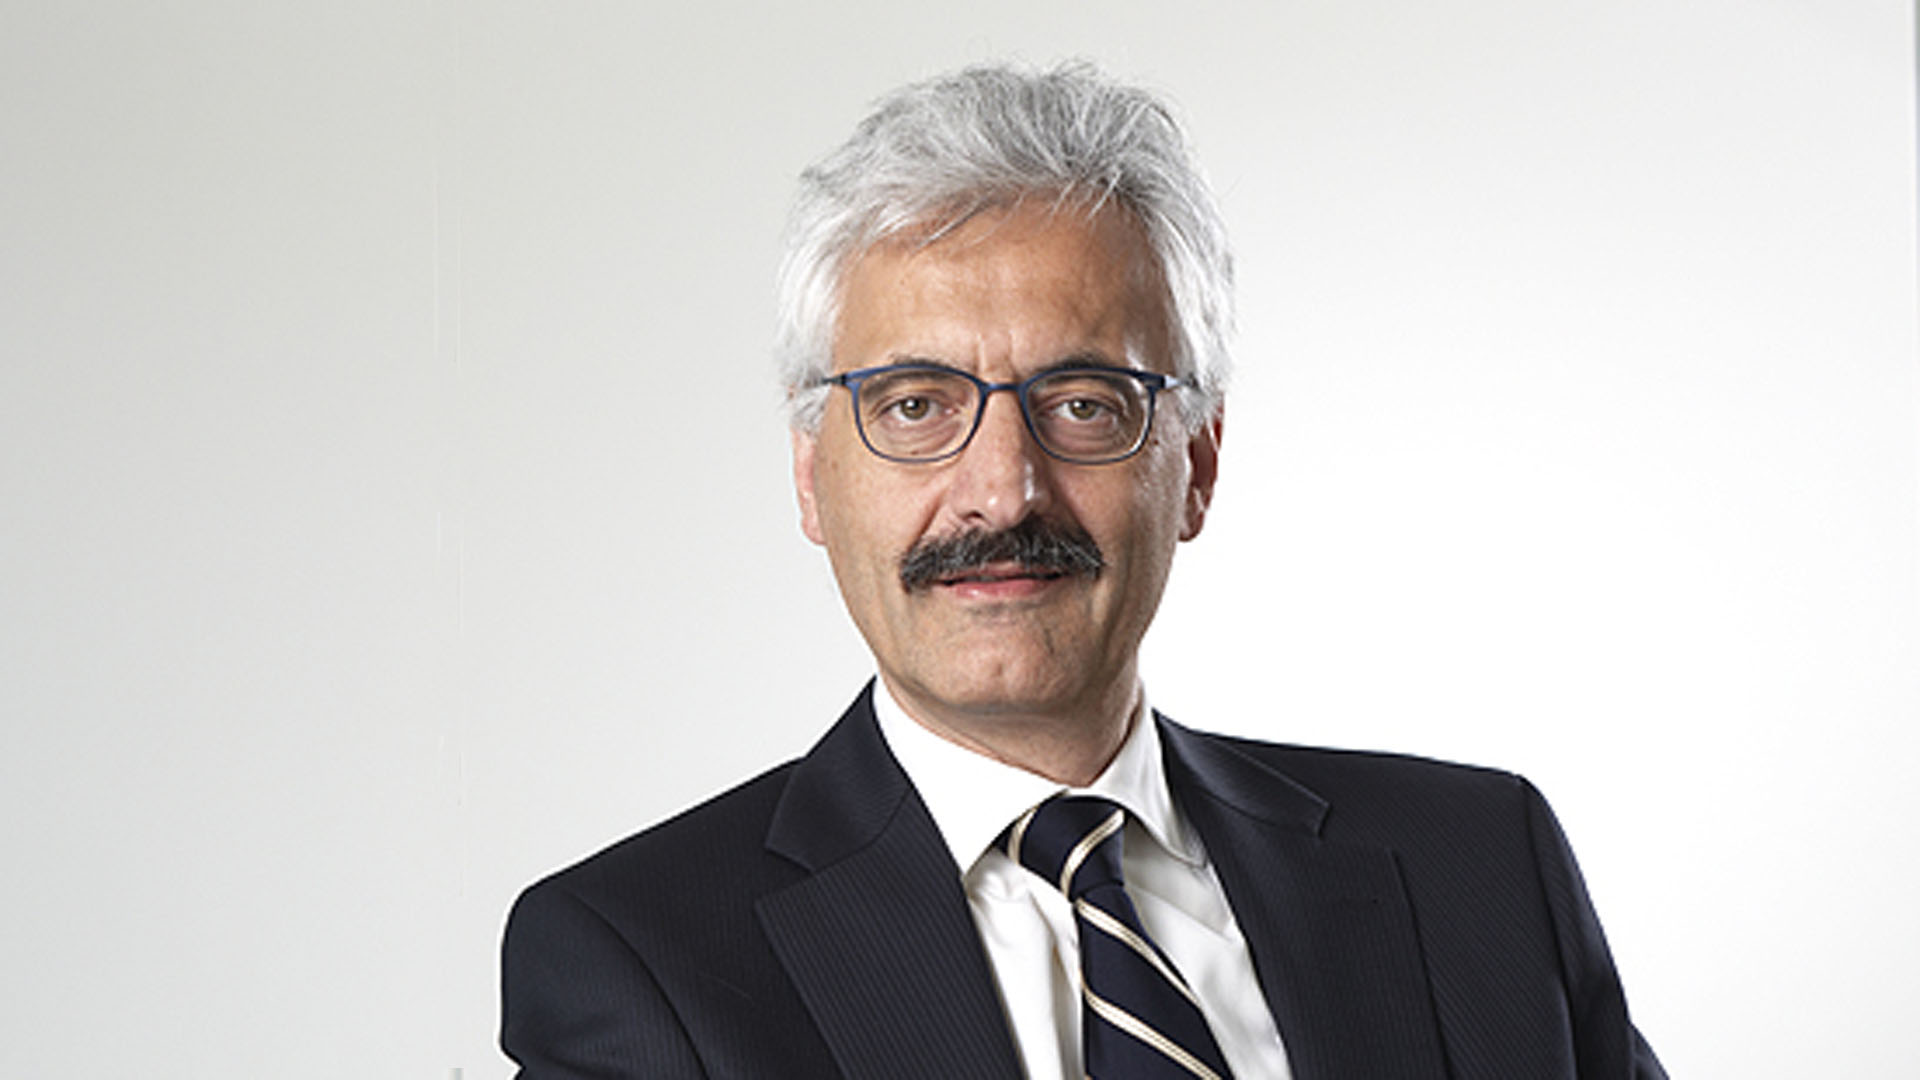 Luigi Pedrocchi, Chef der Migros-Tochter Mibelle, hat sich schon immer mit ökologischen Fragen auseinandergesetzt.  © Luigi Pedrocchi